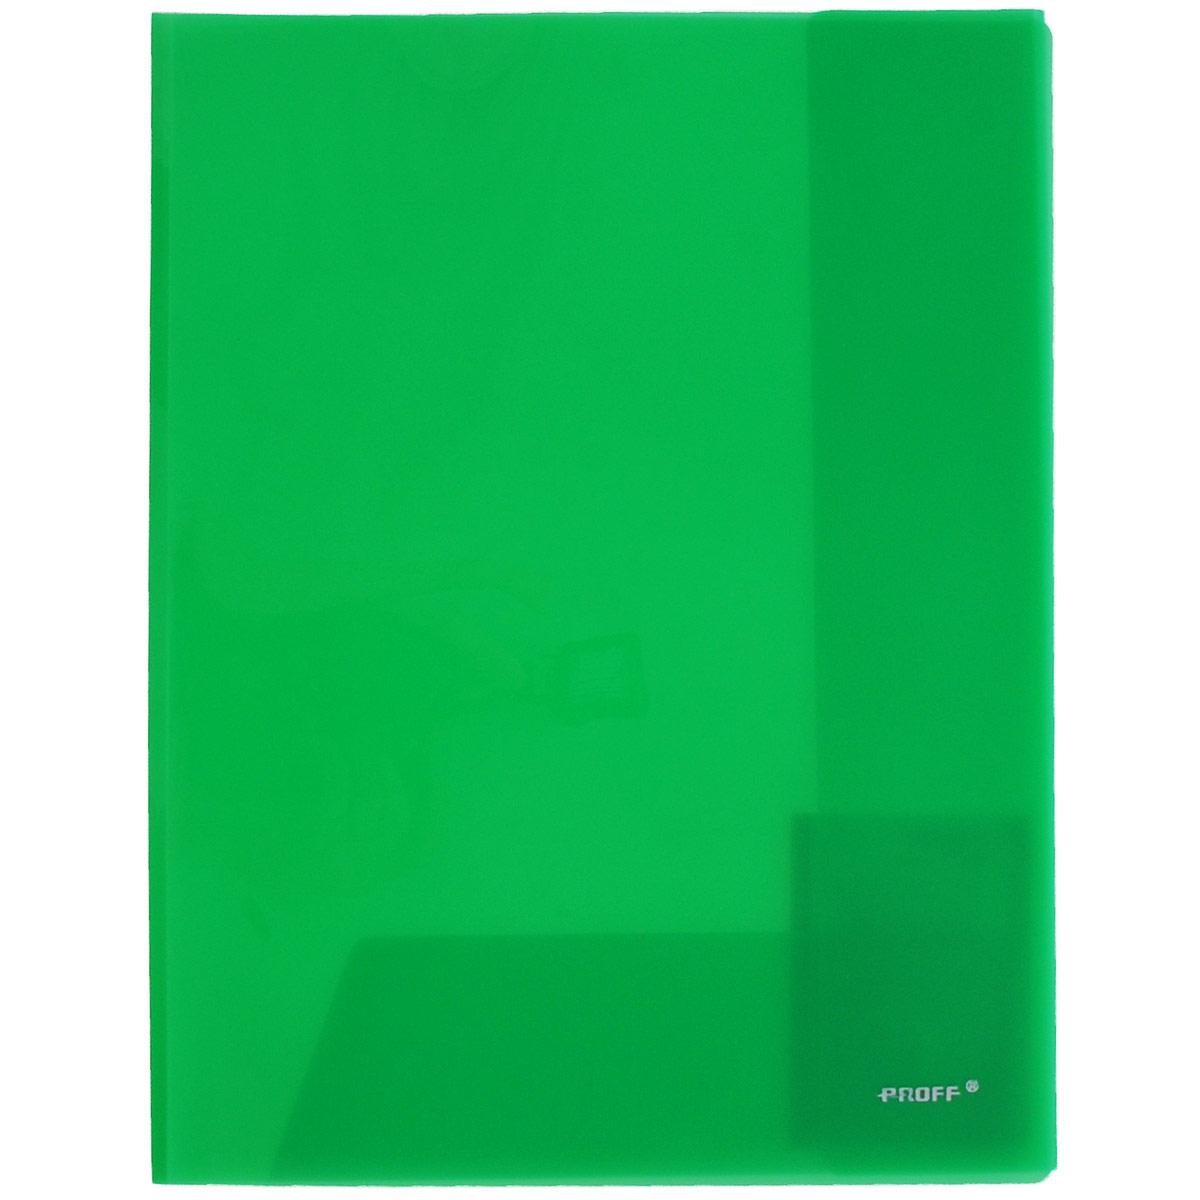 Папка-уголок Proff, цвет: зеленый, 2 клапана. Формат А4AC-1121RDПапка-уголок Proff, изготовленная из высококачественного полипропилена, это удобный и практичный офисный инструмент, предназначенный для хранения и транспортировки рабочих бумаг и документов формата А4. Полупрозрачная папка оснащена двумя клапана внутри для надежного удержания бумаг. Папка-уголок - это незаменимый атрибут для студента, школьника, офисного работника. Такая папка надежно сохранит ваши документы и сбережет их от повреждений, пыли и влаги.